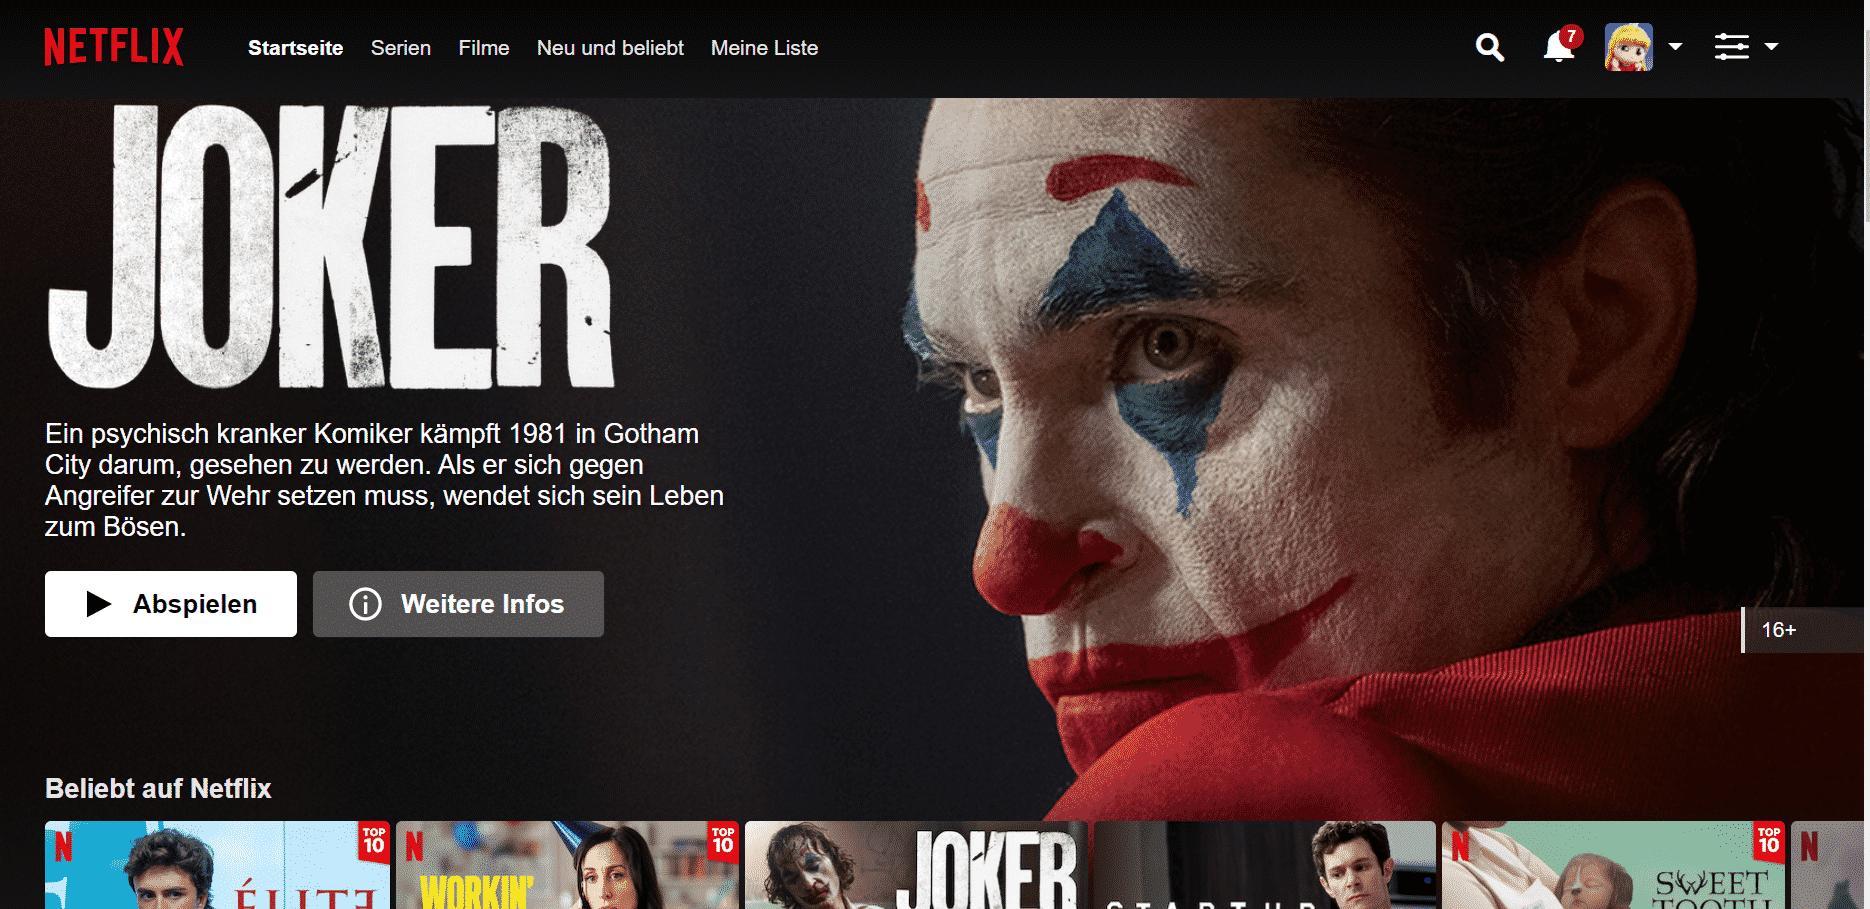 Netflix Startseite